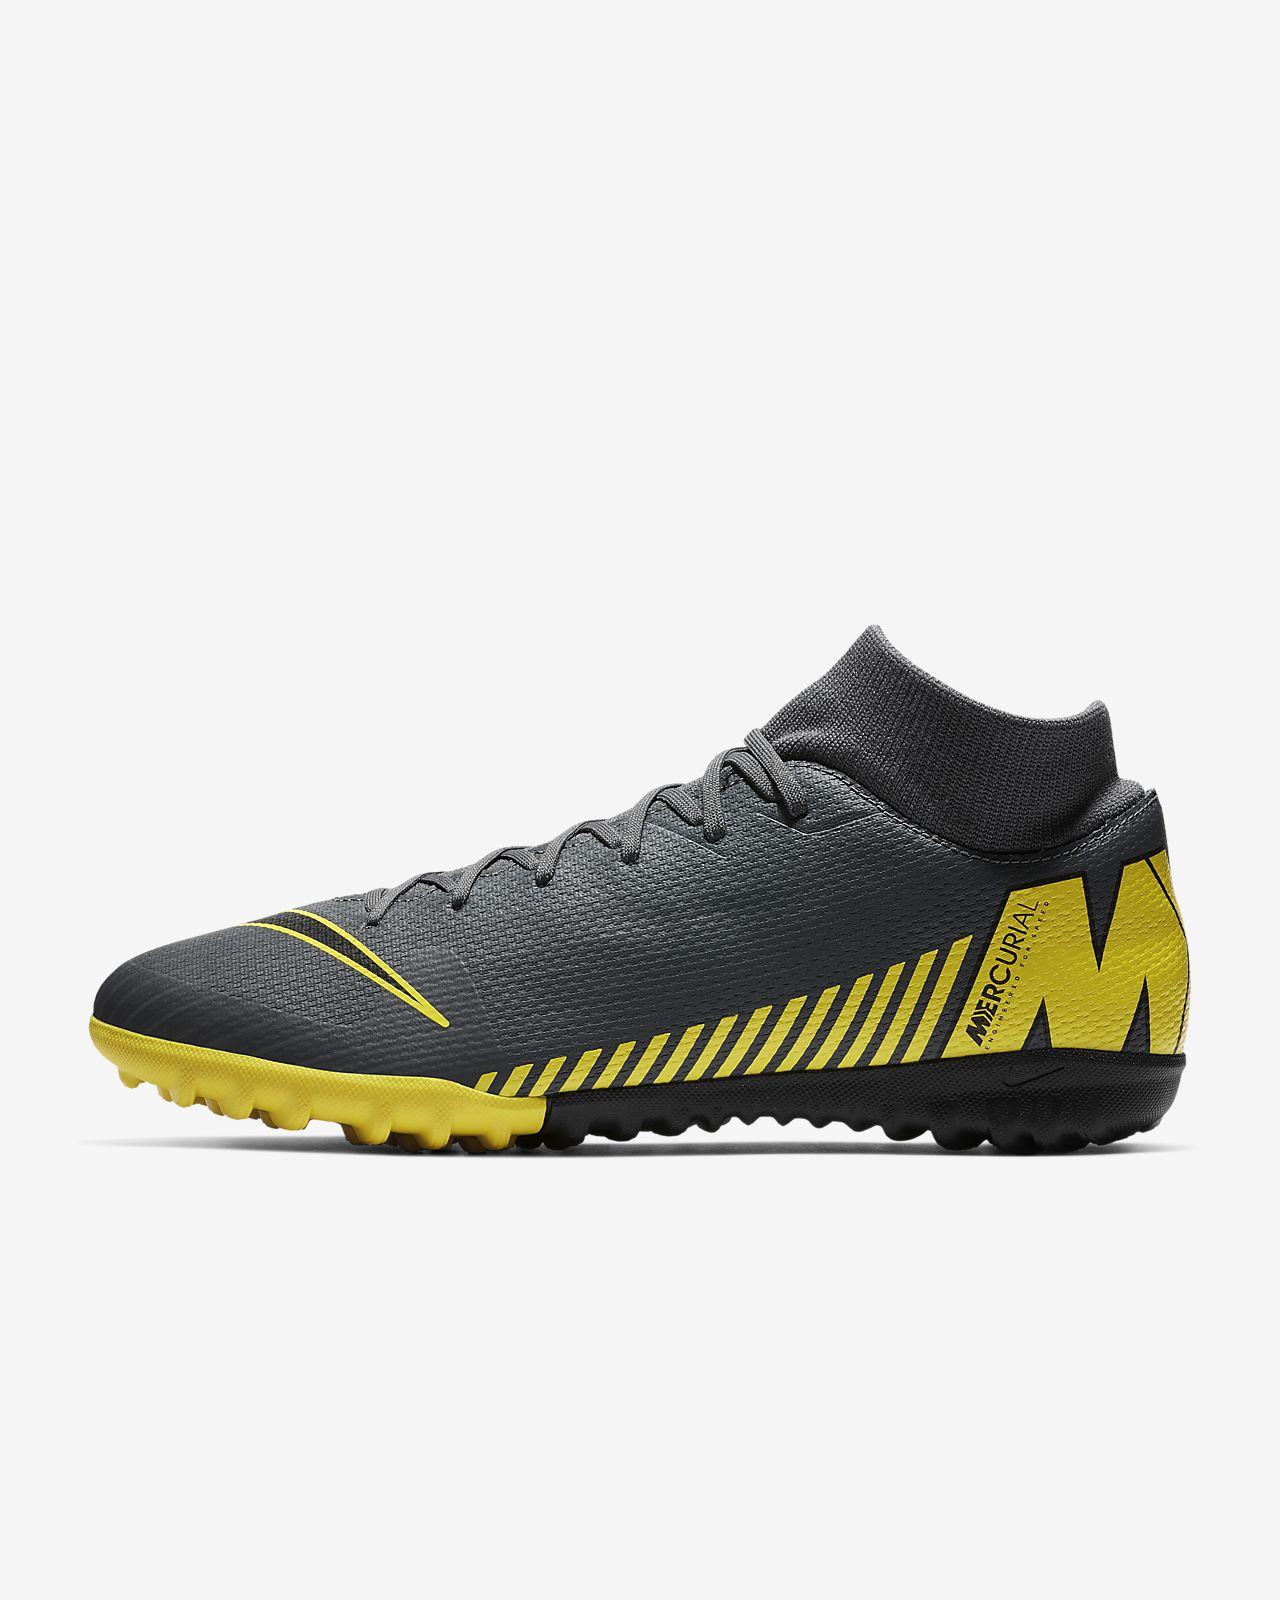 Korki piłkarskie na sztuczną nawierzchnię typu turf Nike SuperflyX 6 Academy TF